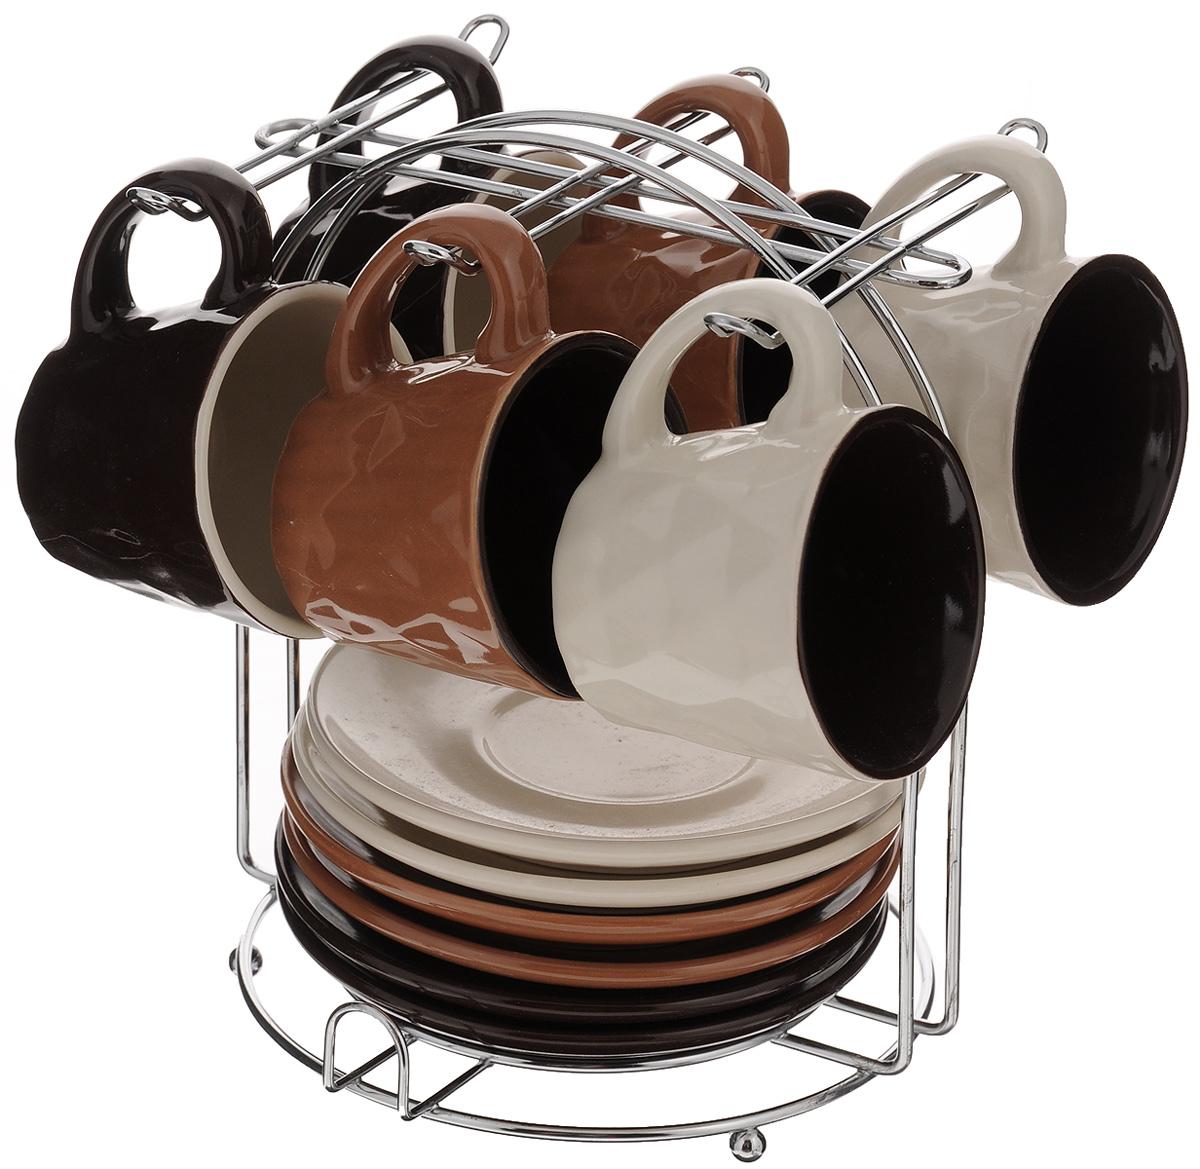 Набор кофейный Loraine, 13 предметов. 24668115610Кофейный набор Loraine состоит из 6 чашек и 6 блюдец. Посуда изготовлена из высококачественной керамики. Для предметов набора предусмотрена специальная металлическая подставка с крючками для чашек и подставкой для блюдец. Изящный дизайн придется по вкусу и ценителям классики, и тем, кто предпочитает утонченность и изысканность. Набор Loraine настроит на позитивный лад и подарит хорошее настроение с самого утра. Он станет идеальным и необходимым подарком для вашего дома и для ваших друзей в праздники.Посуда подходит для использования в микроволновой печи и холодильнике, также можно мыть в посудомоечной машине. Объем чашки: 90 мл. Диаметр чашки (по верхнему краю): 6,5 см. Высота чашки: 5,5 см. Диаметр блюдца: 11,5 см. Высота блюдца: 1,7 см.Размер подставки: 14,5 х 15 х 18,7 см.